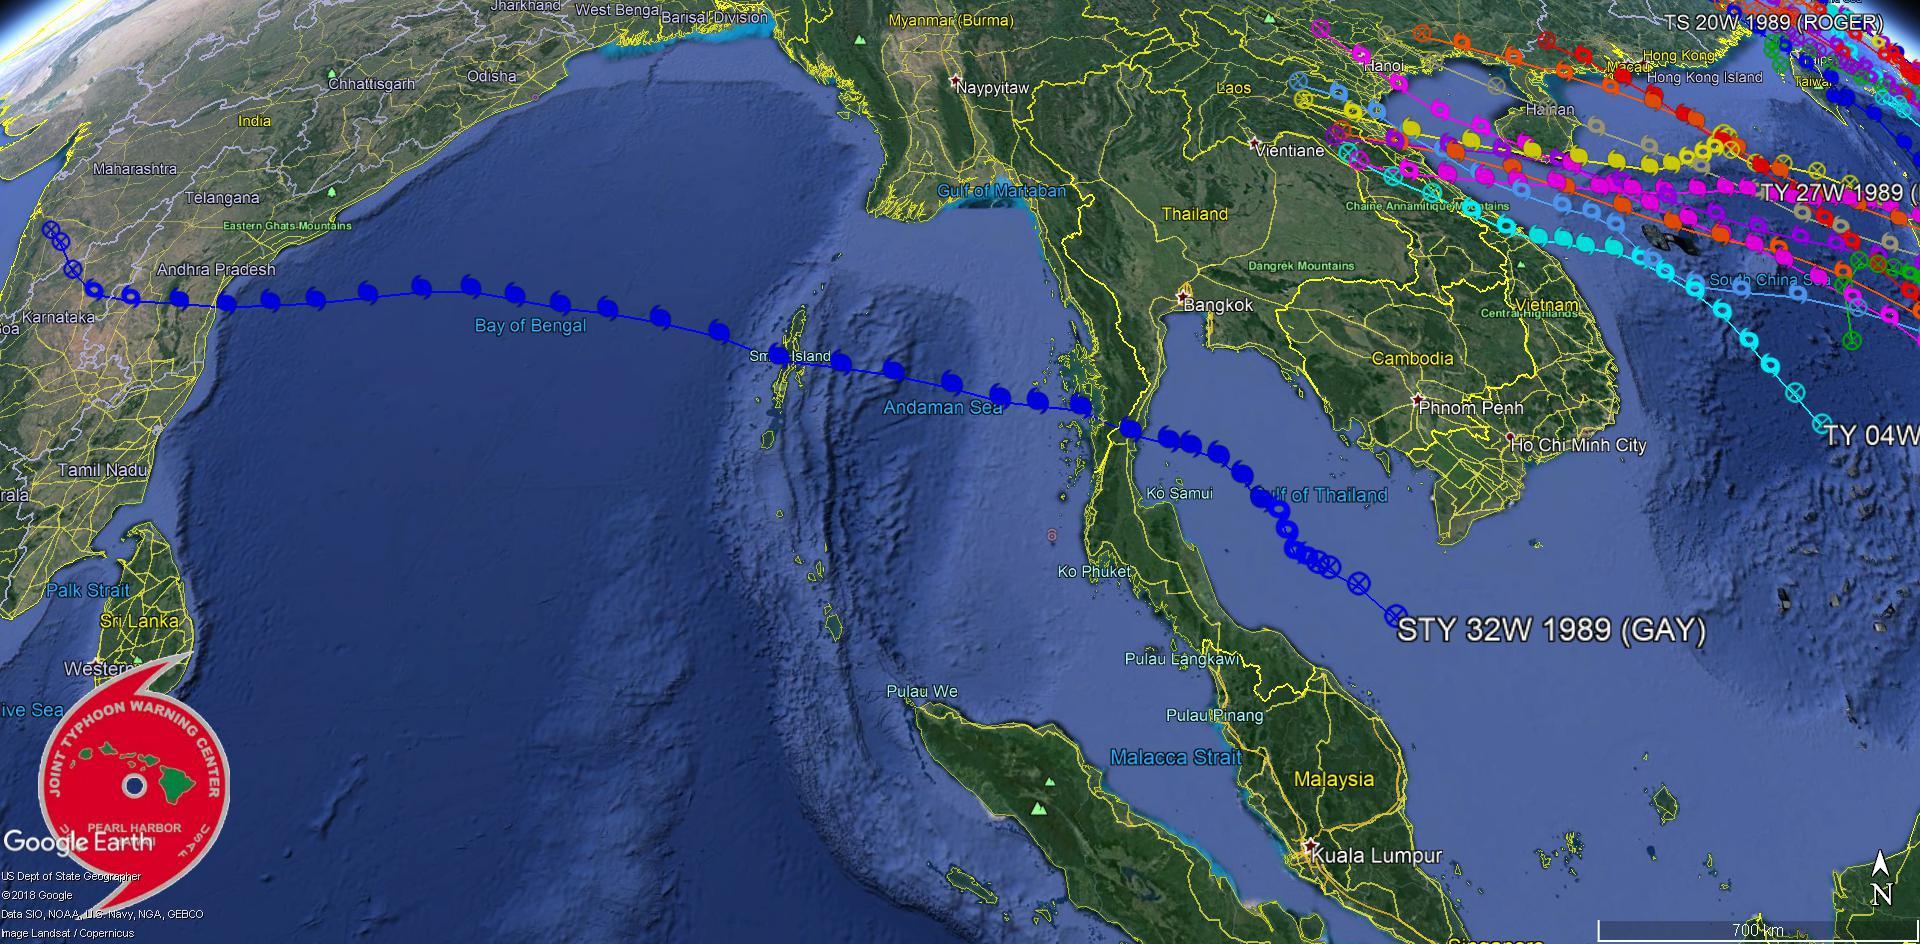 GAY en 1989 frappe la Thaïlande au stade de cyclone intense puis s'intensiifie en Super Cyclone sur le Golfe du Bengale. Classé en Cat5 US, la maximale.